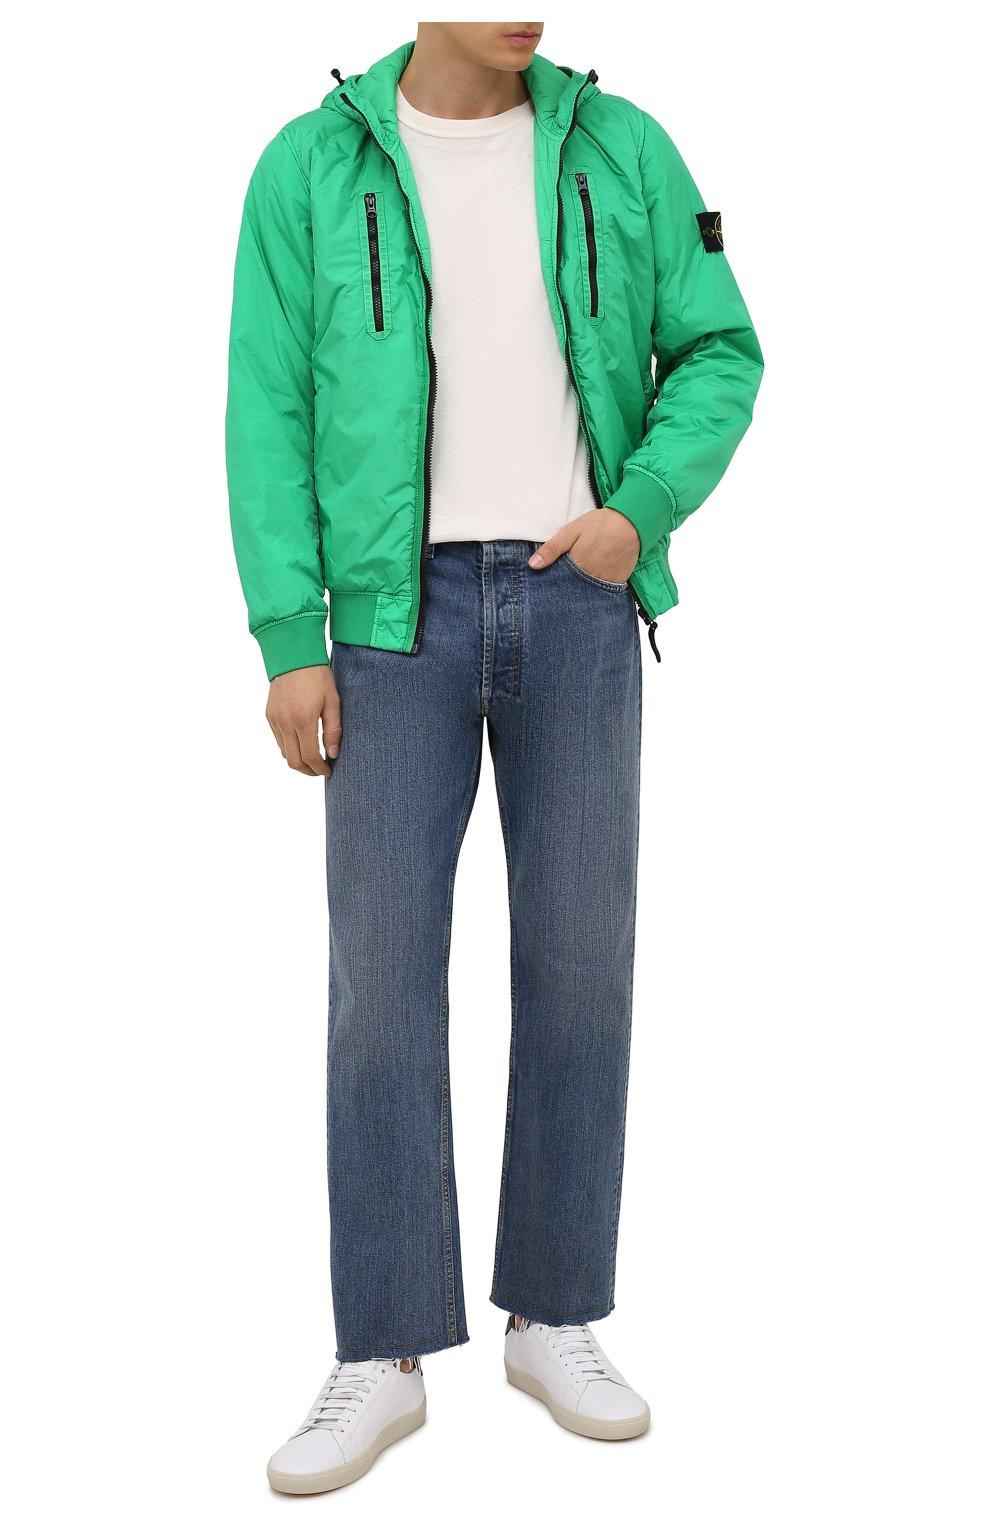 Мужской утепленный бомбер STONE ISLAND зеленого цвета, арт. 751542223   Фото 2 (Кросс-КТ: Куртка; Рукава: Длинные; Принт: Без принта; Материал внешний: Синтетический материал; Стили: Гранж; Мужское Кросс-КТ: утепленные куртки; Материал подклада: Синтетический материал; Длина (верхняя одежда): Короткие)